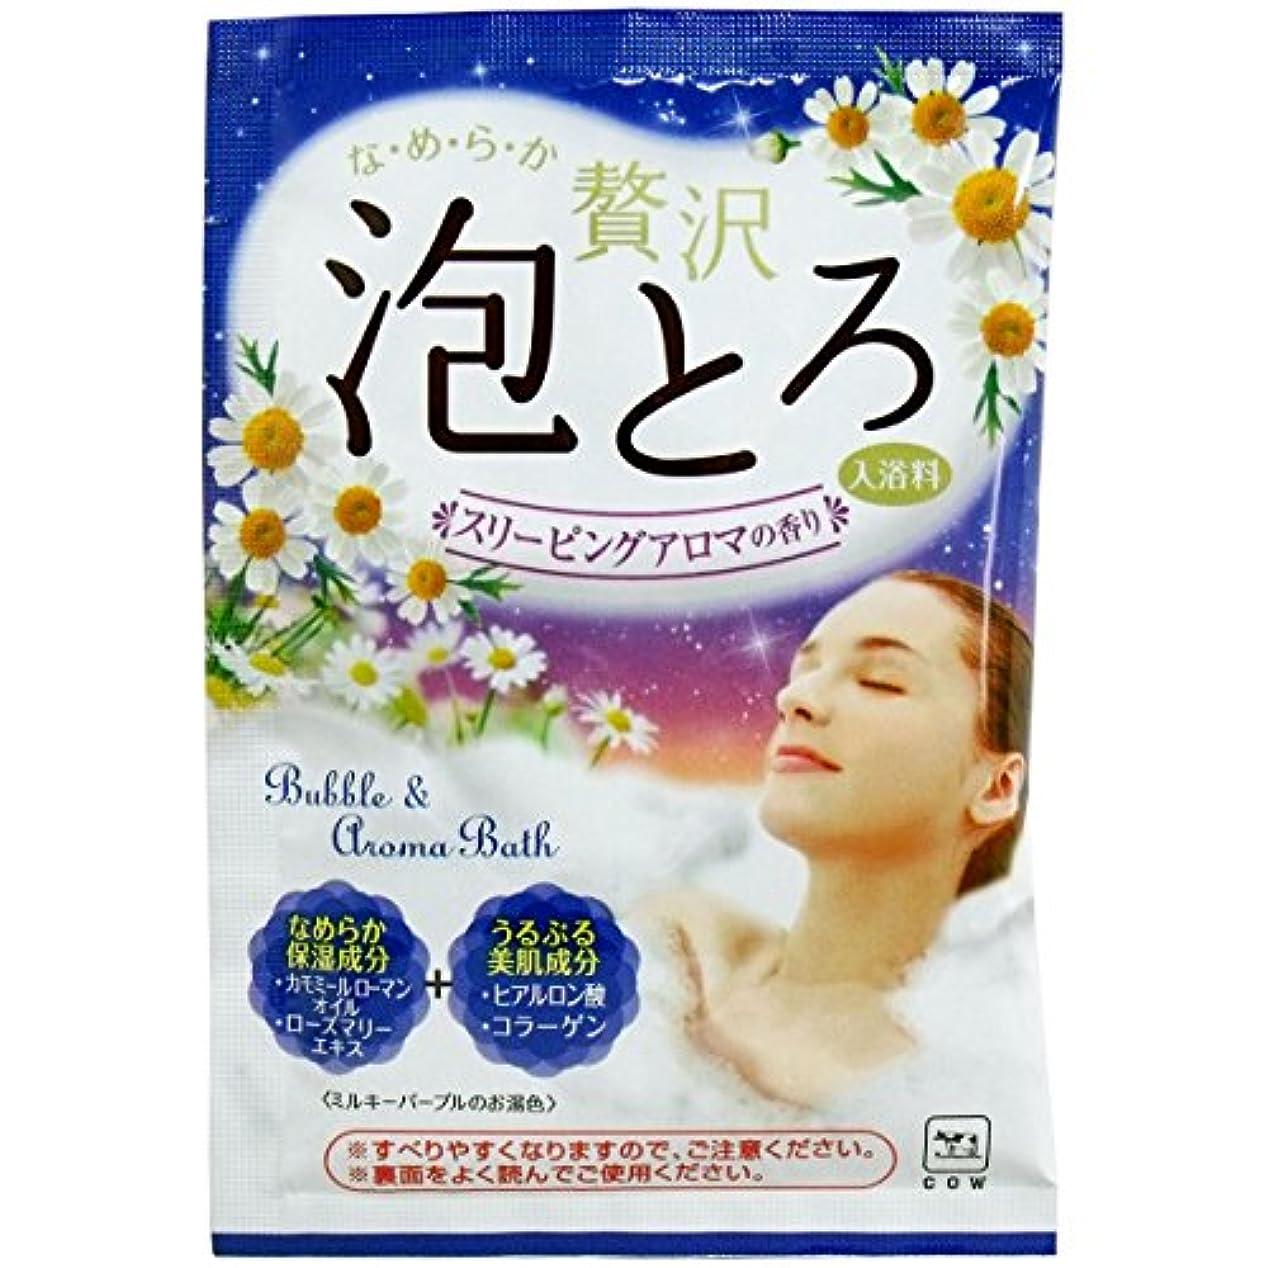 債権者トースト社交的贅沢泡とろ 入浴料 スリーピングアロマの香り 30g 【4点セット】